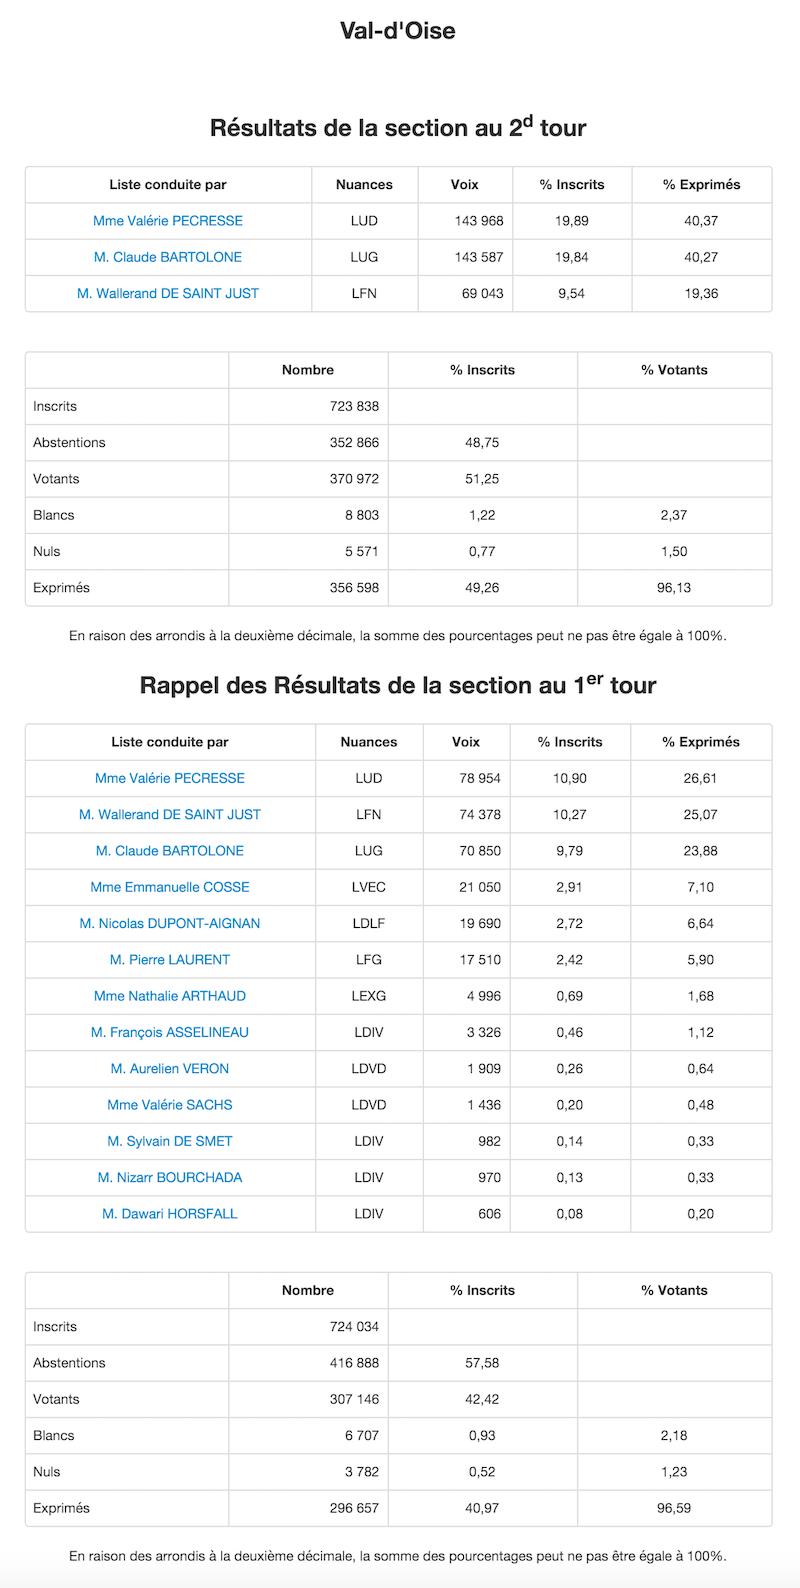 Régionales 2015 - 2nd et 1er tour dans le Val d'Oise © Ministère de l'Intérieur